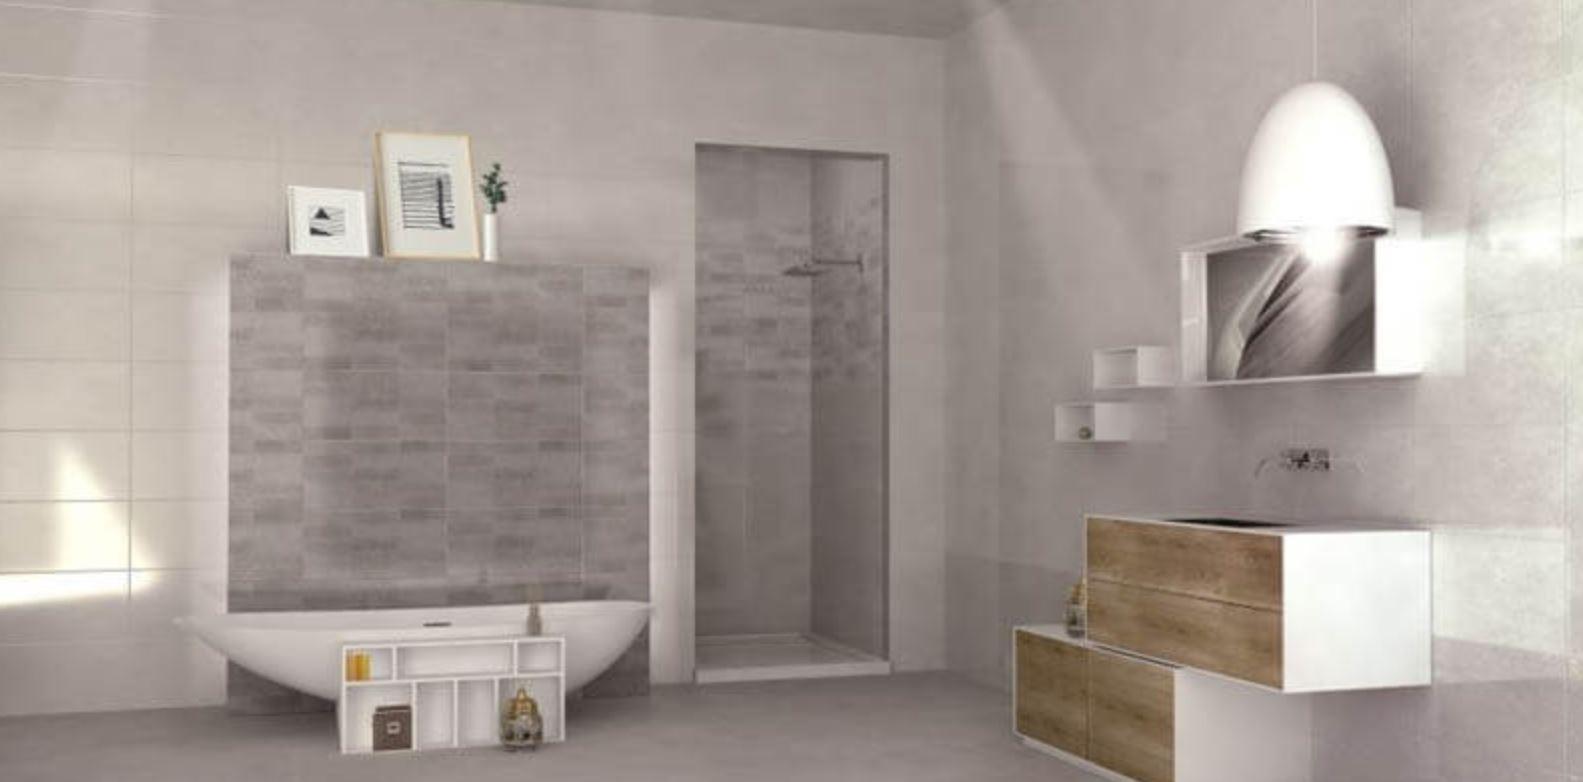 Płytki Do łazienki Dekor Ciegiełki Bez Jasny Azteca Ground R90 Guess Grey Dekor 30 X 90 Bnhb